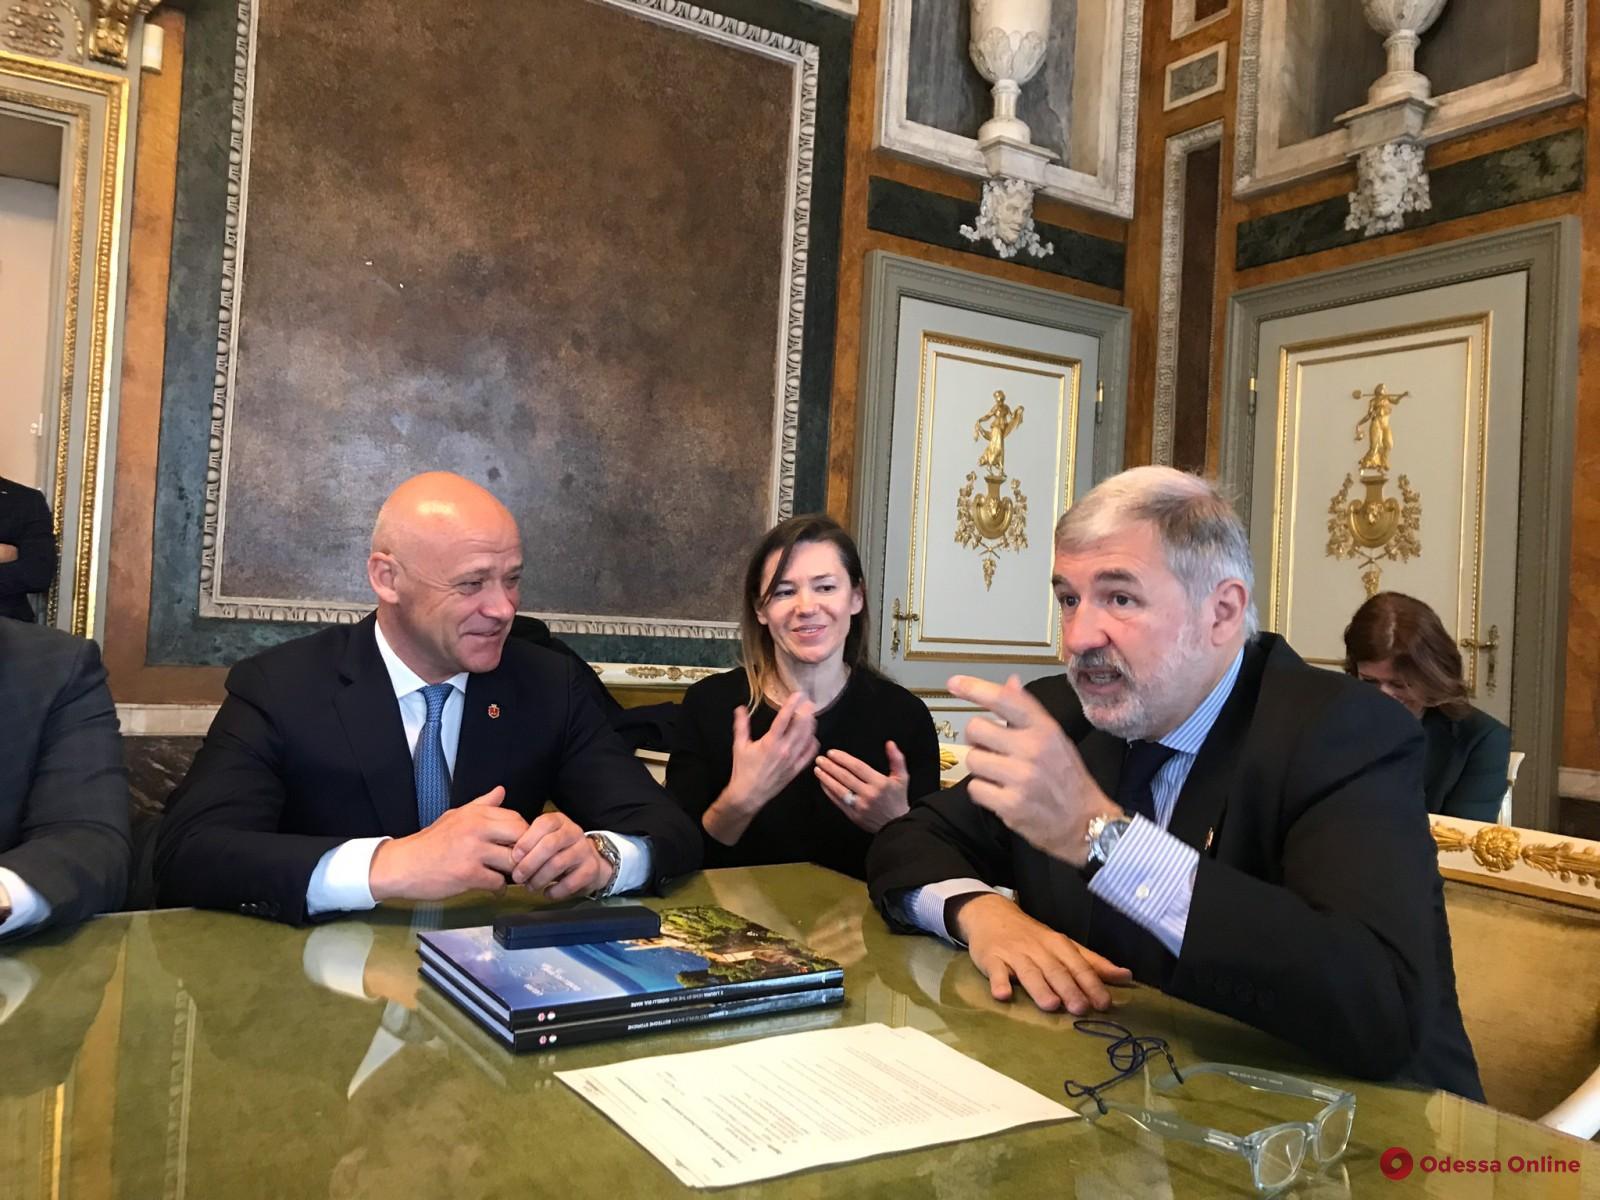 Мэр Одессы отправился в Геную для укрепления побратимских связей между городами